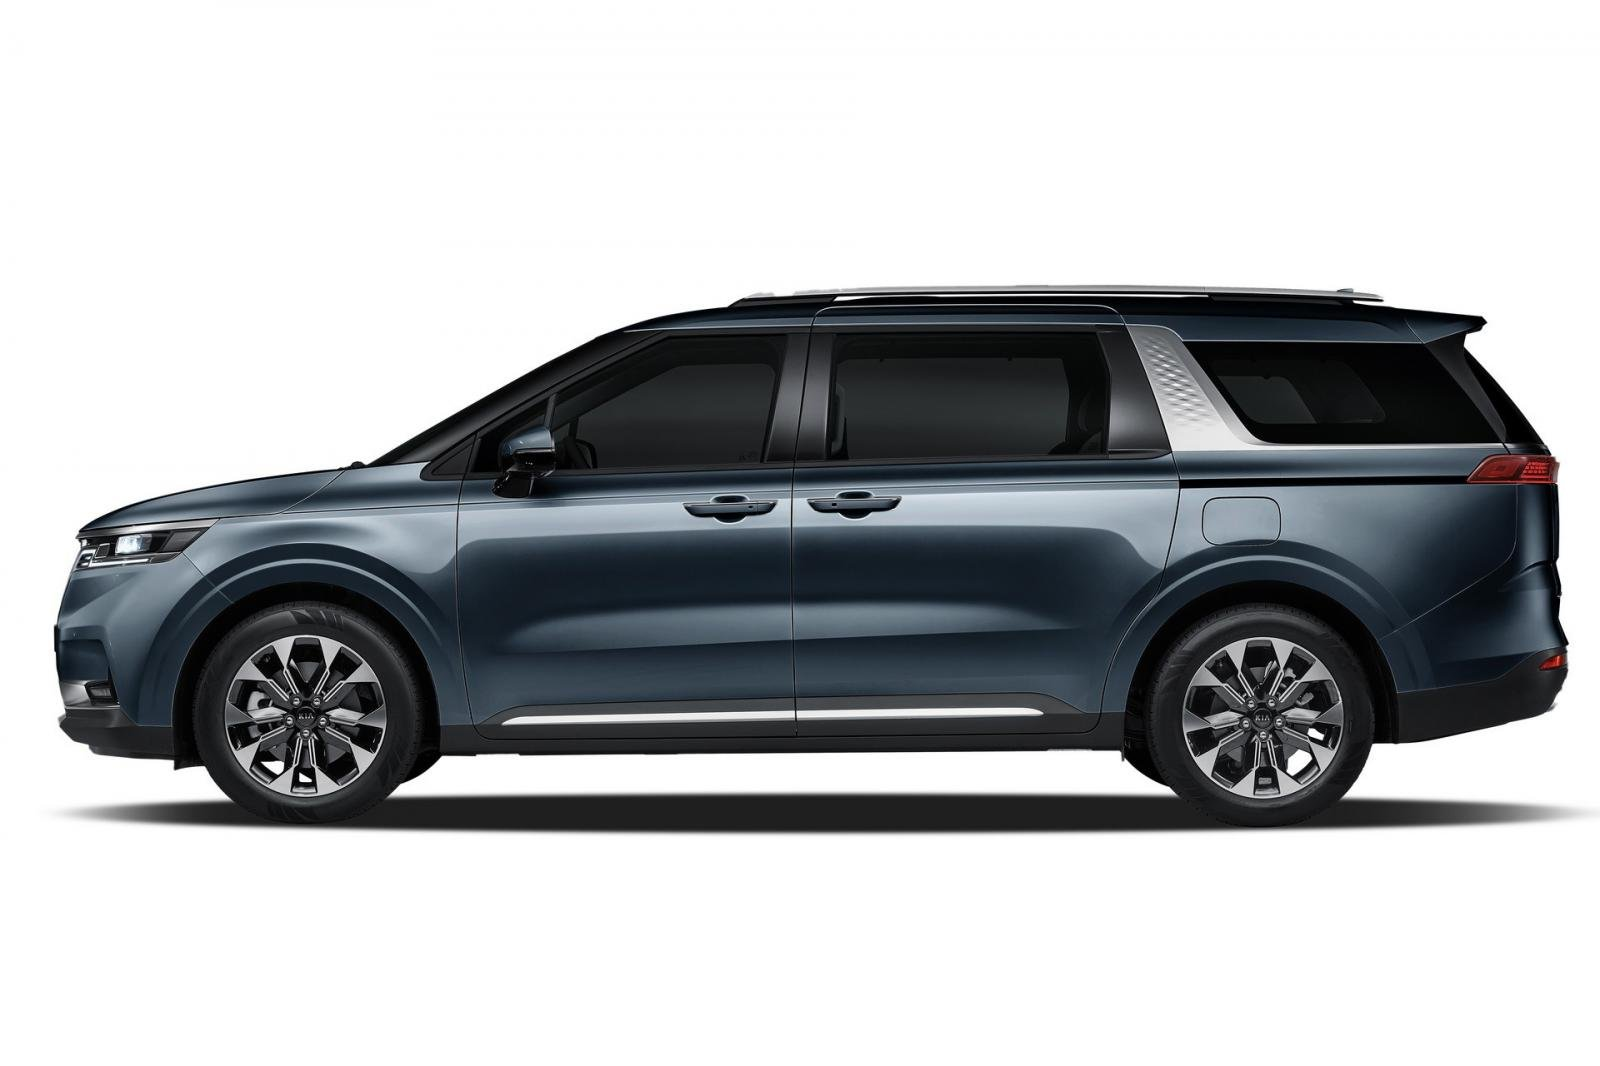 Đánh giá xe Kia Sedona 2021 về thiết kế thân xe.